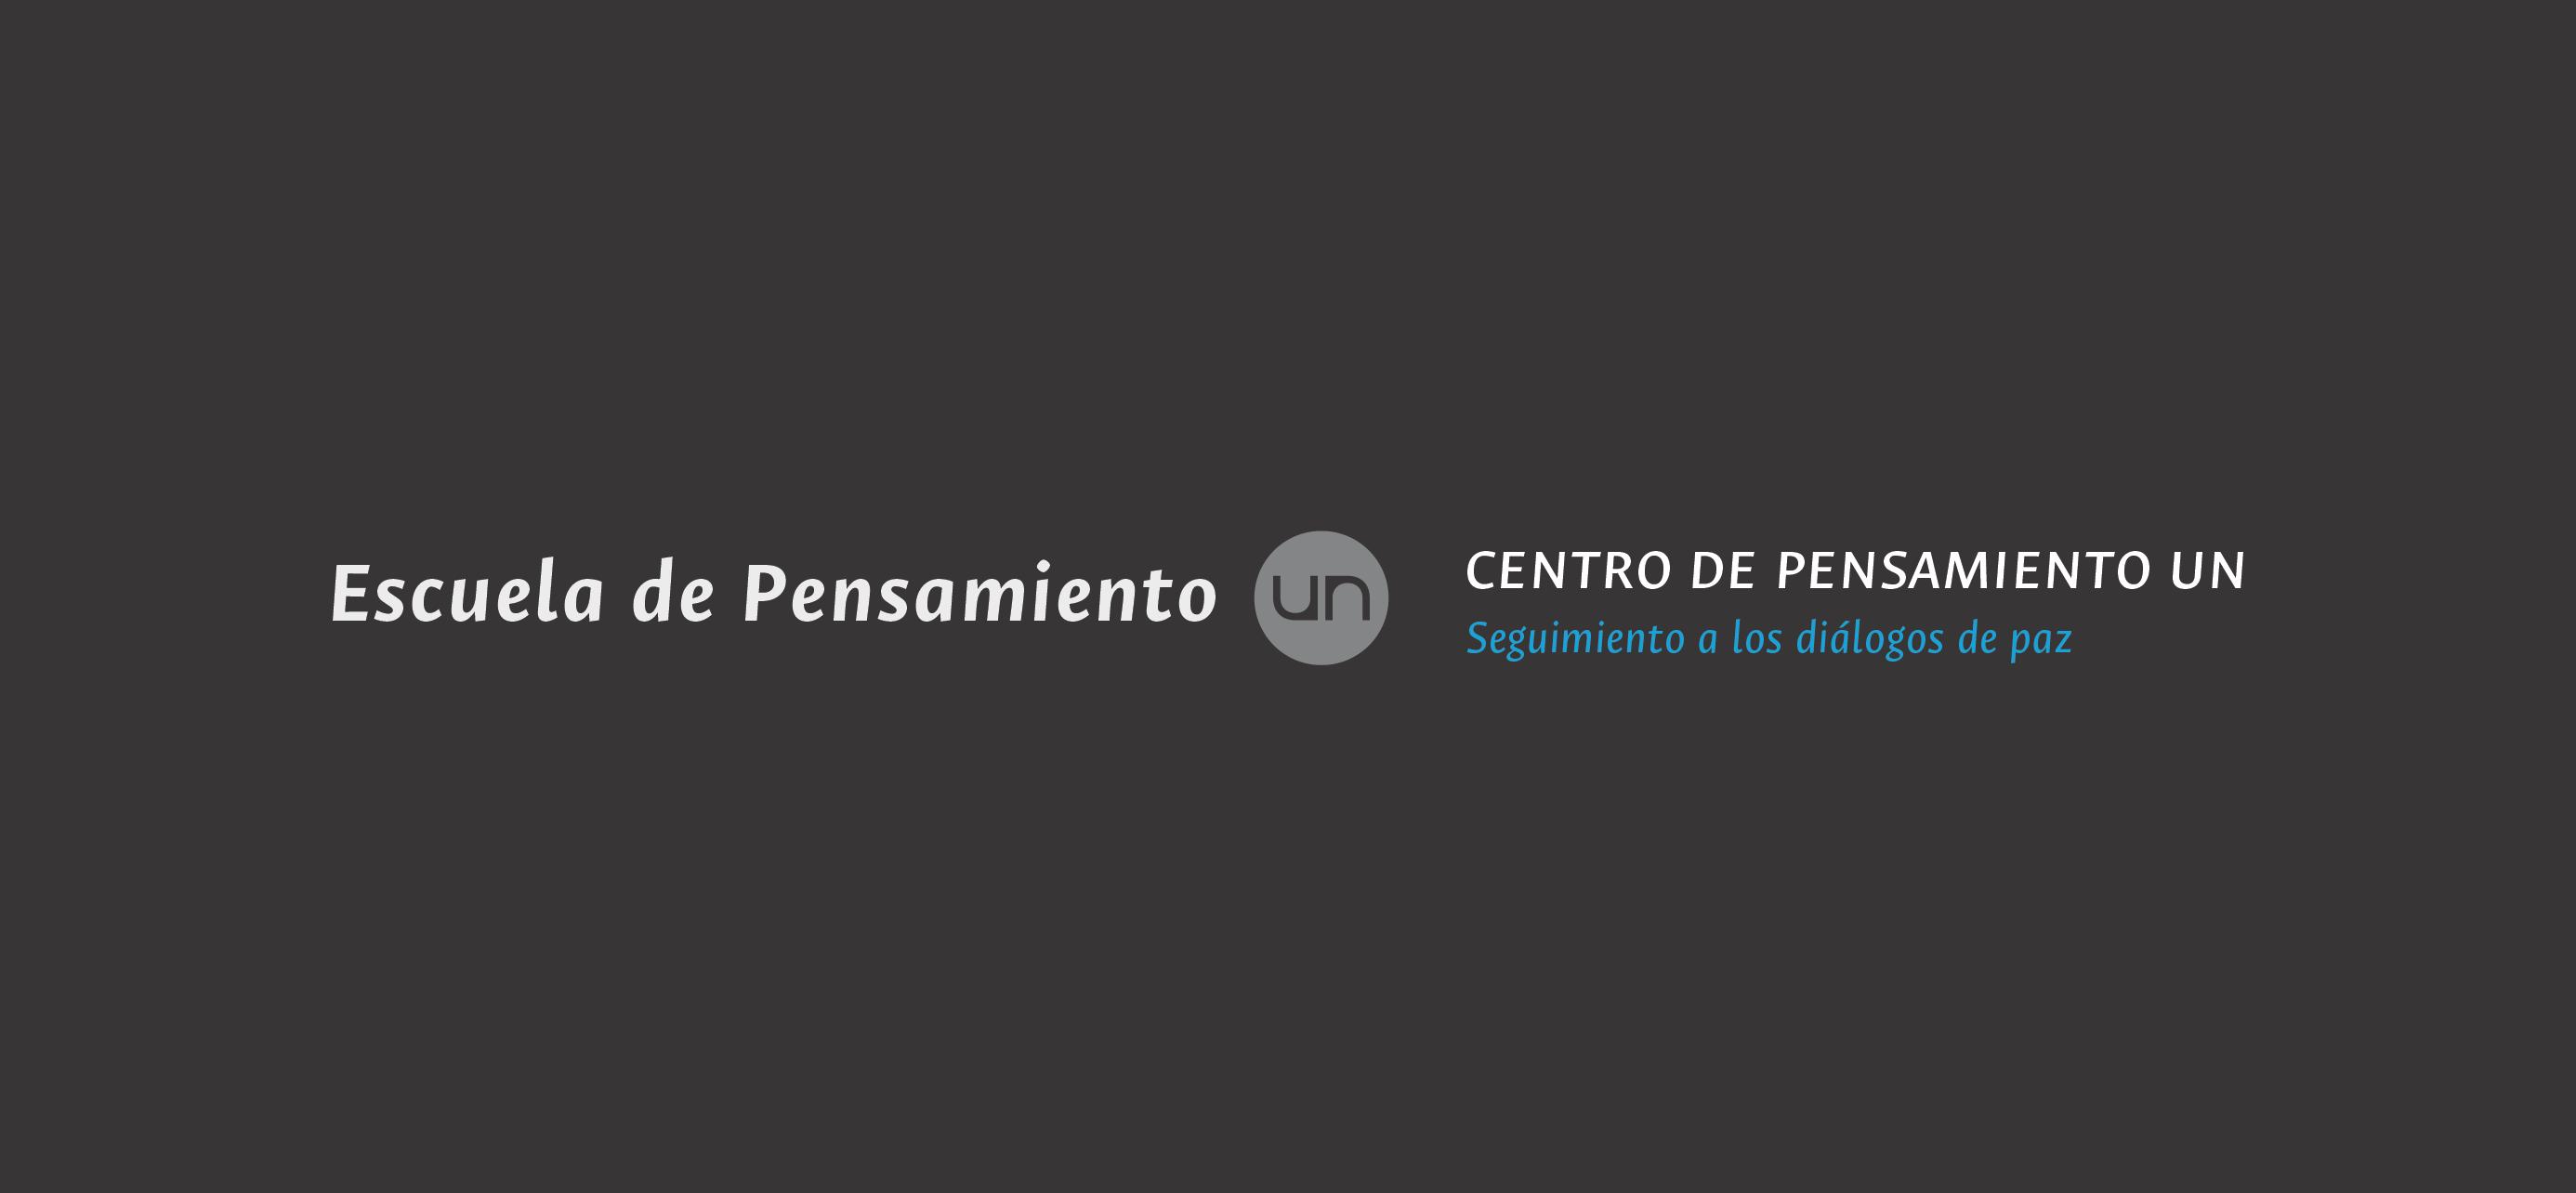 Nuevo logotipo del Centro de Pensamiento